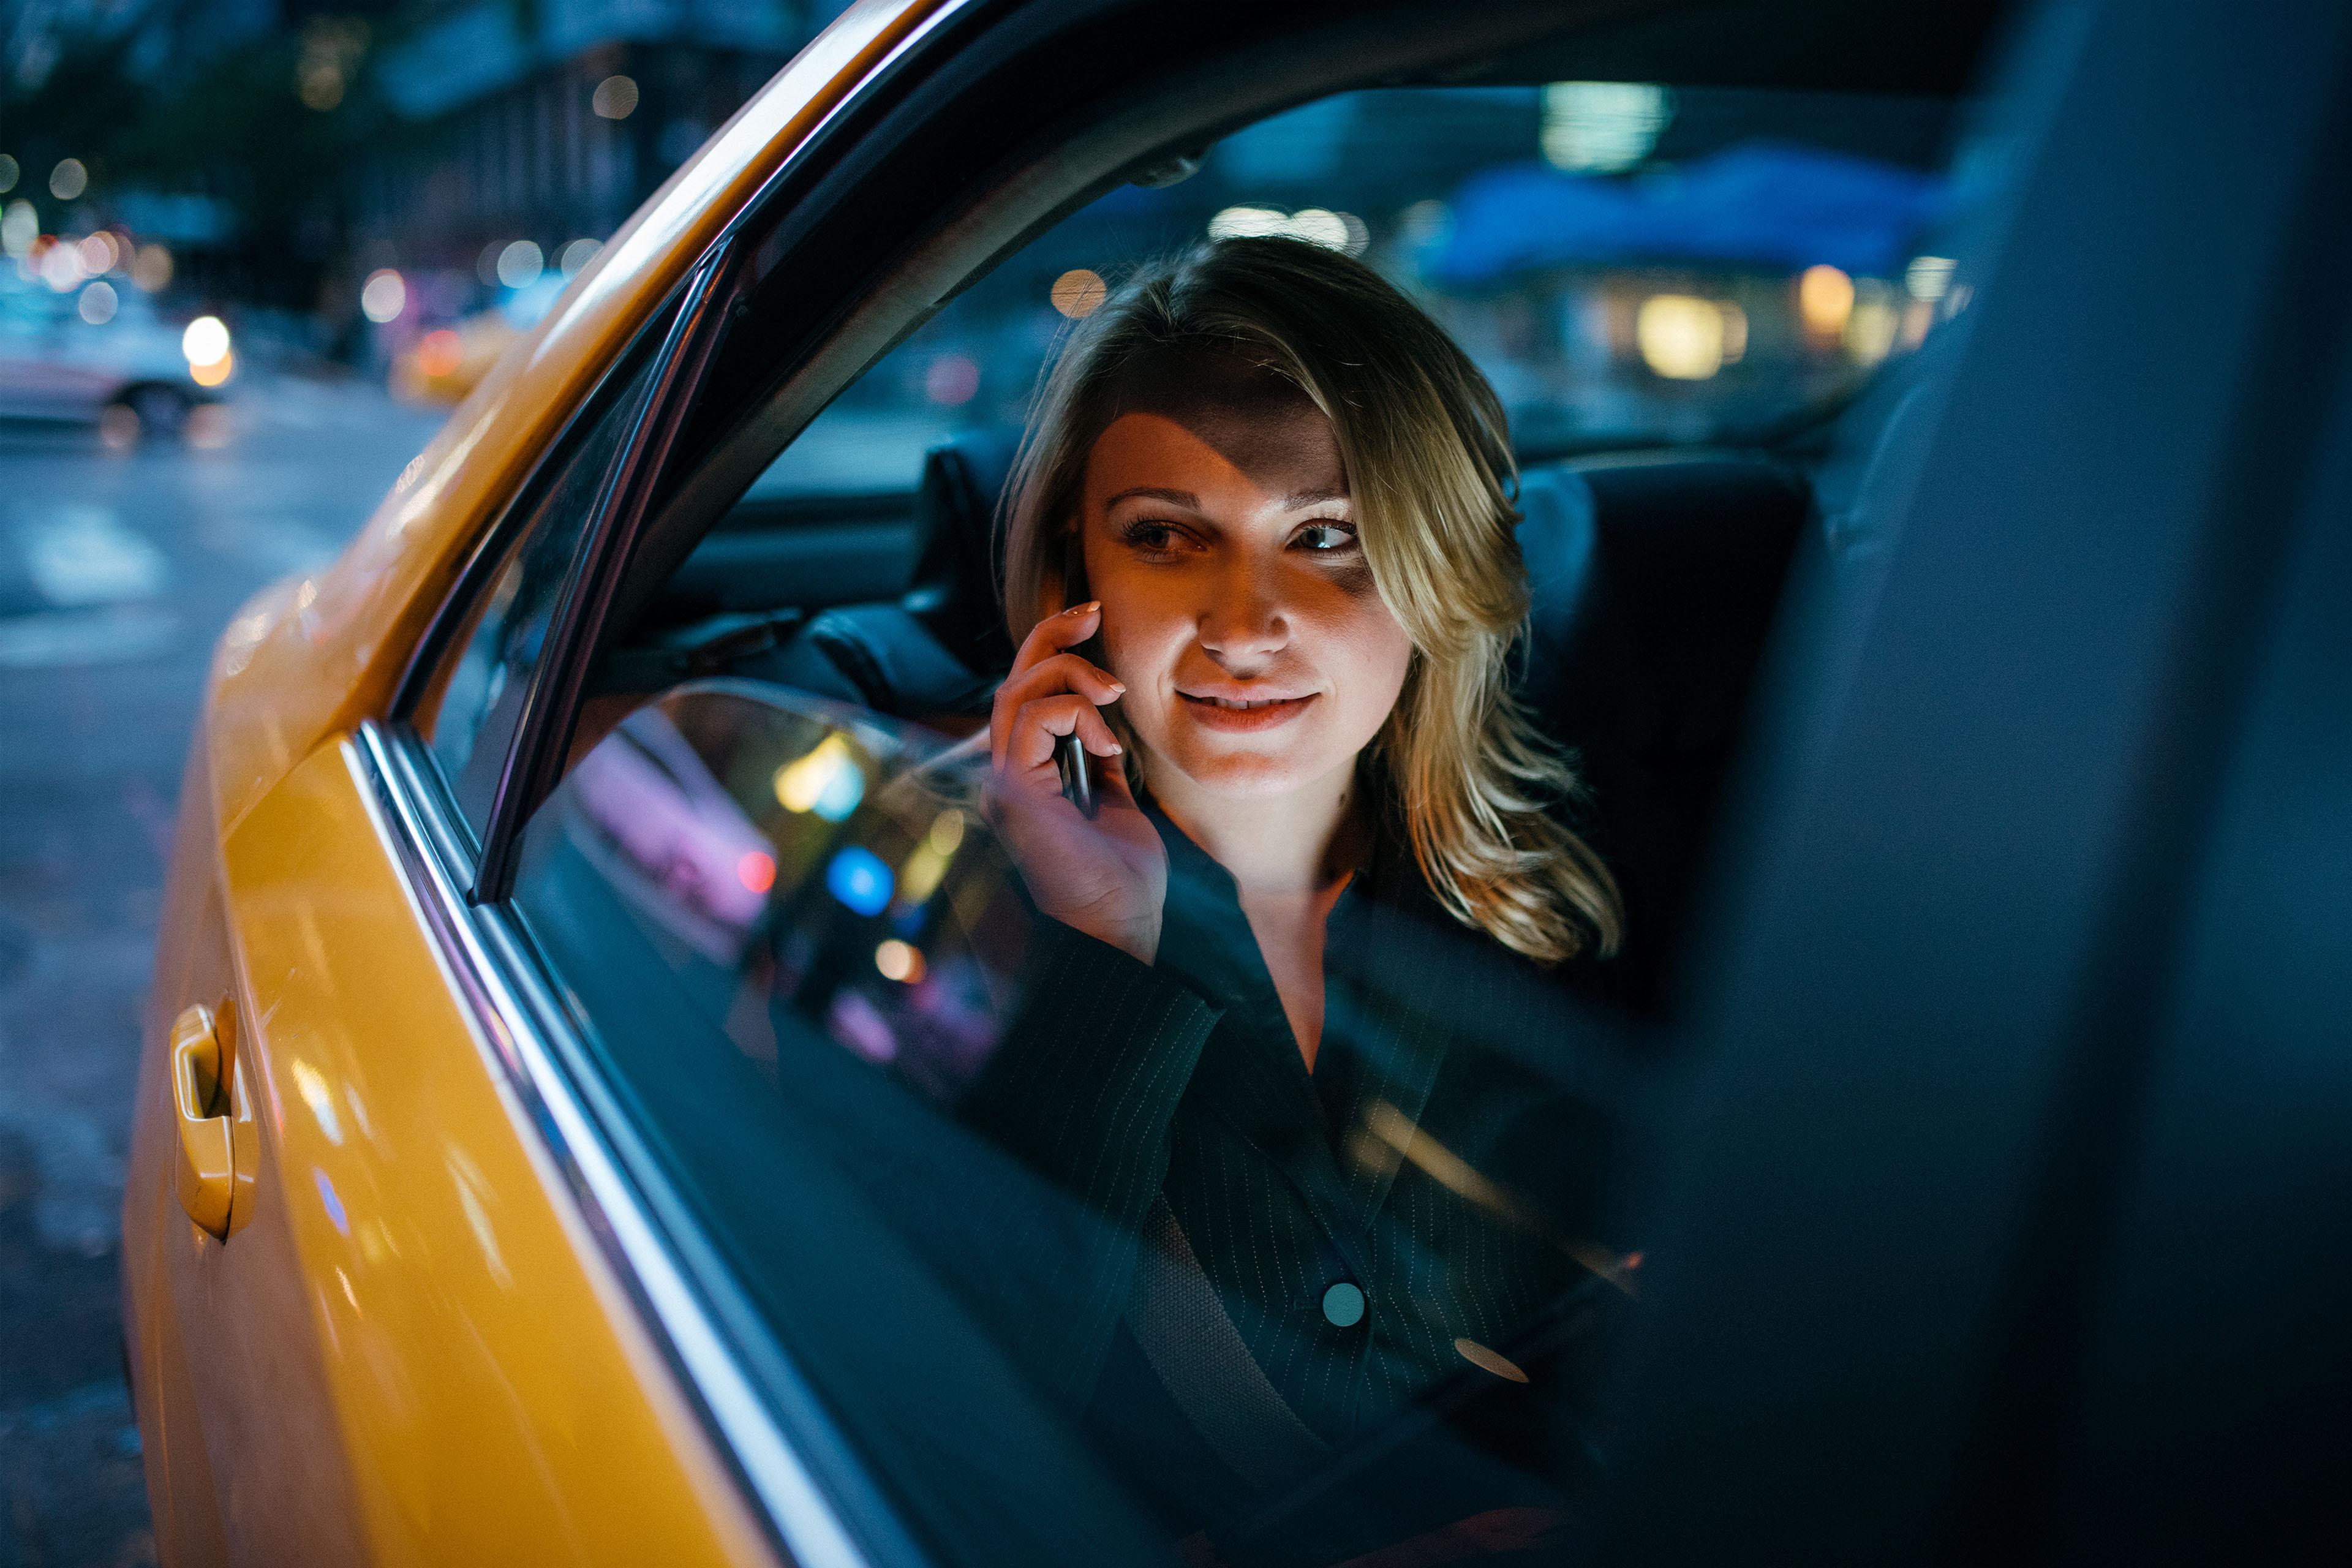 Frau telefoniert am Handy im Taxi